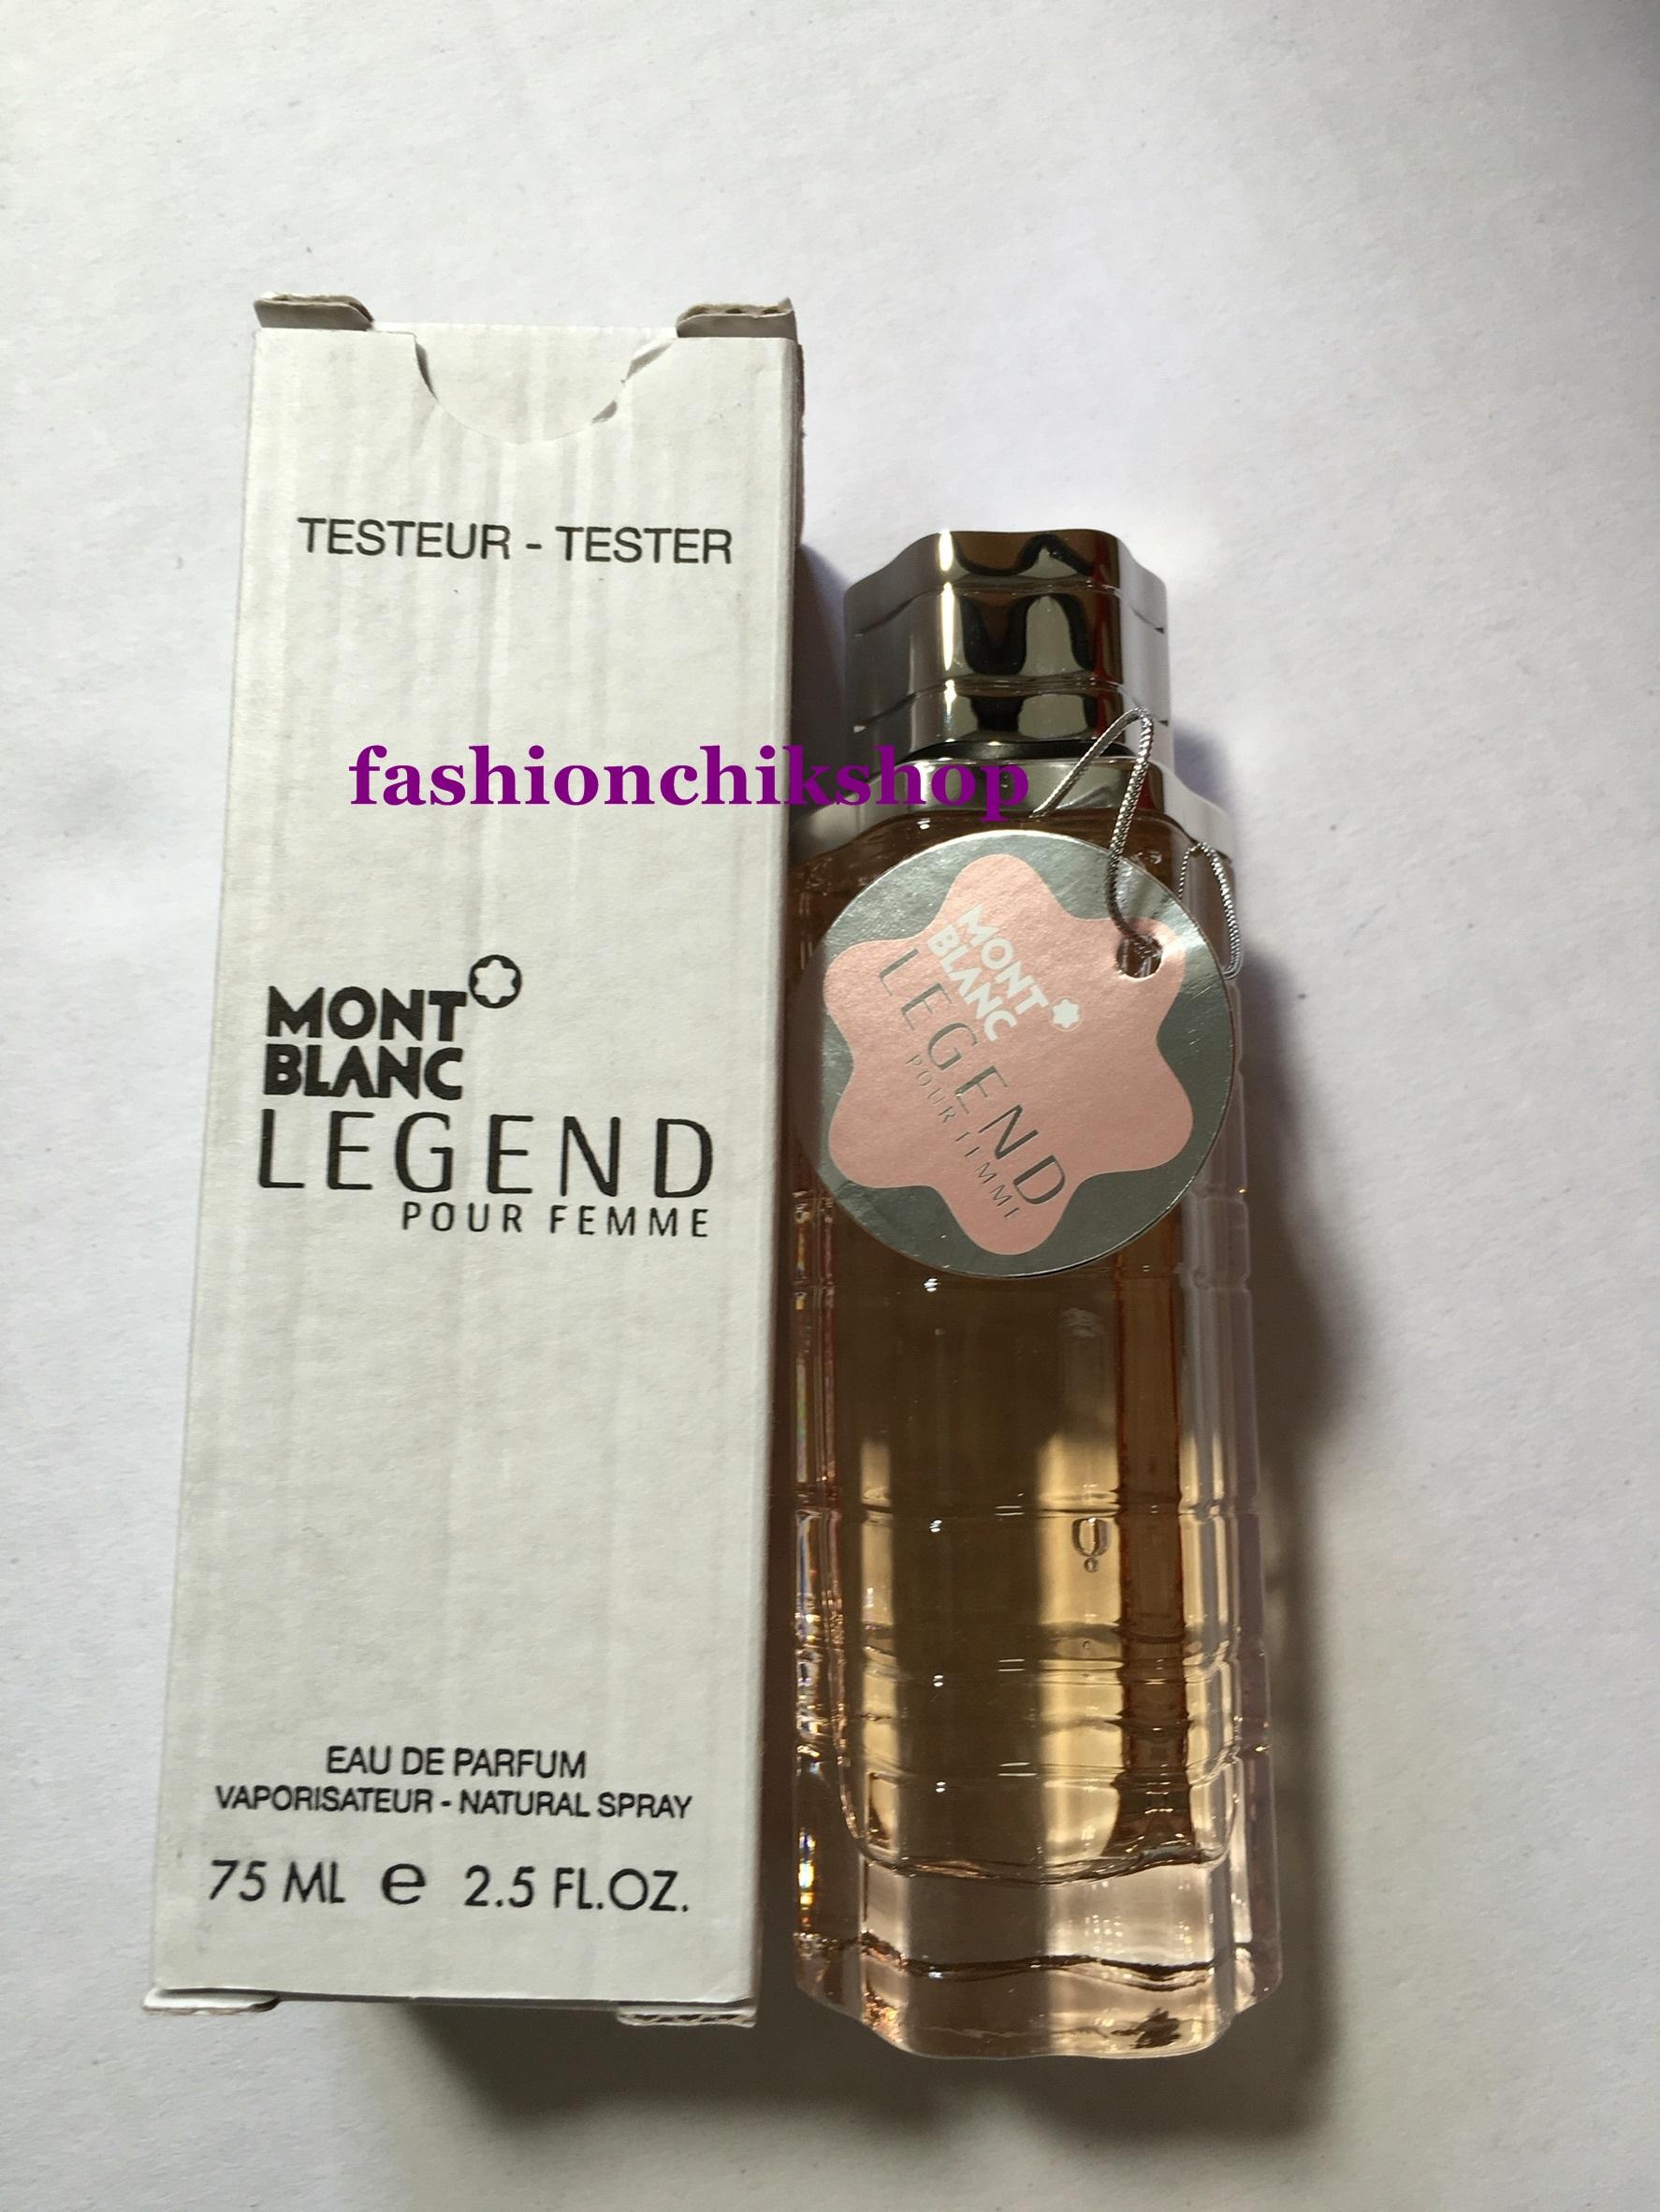 พร้อมส่ง MONT BLANC กับ Legend Pour Femme น้ำหอมกลิ่นหอมหวานสำหรับผู้หญิง